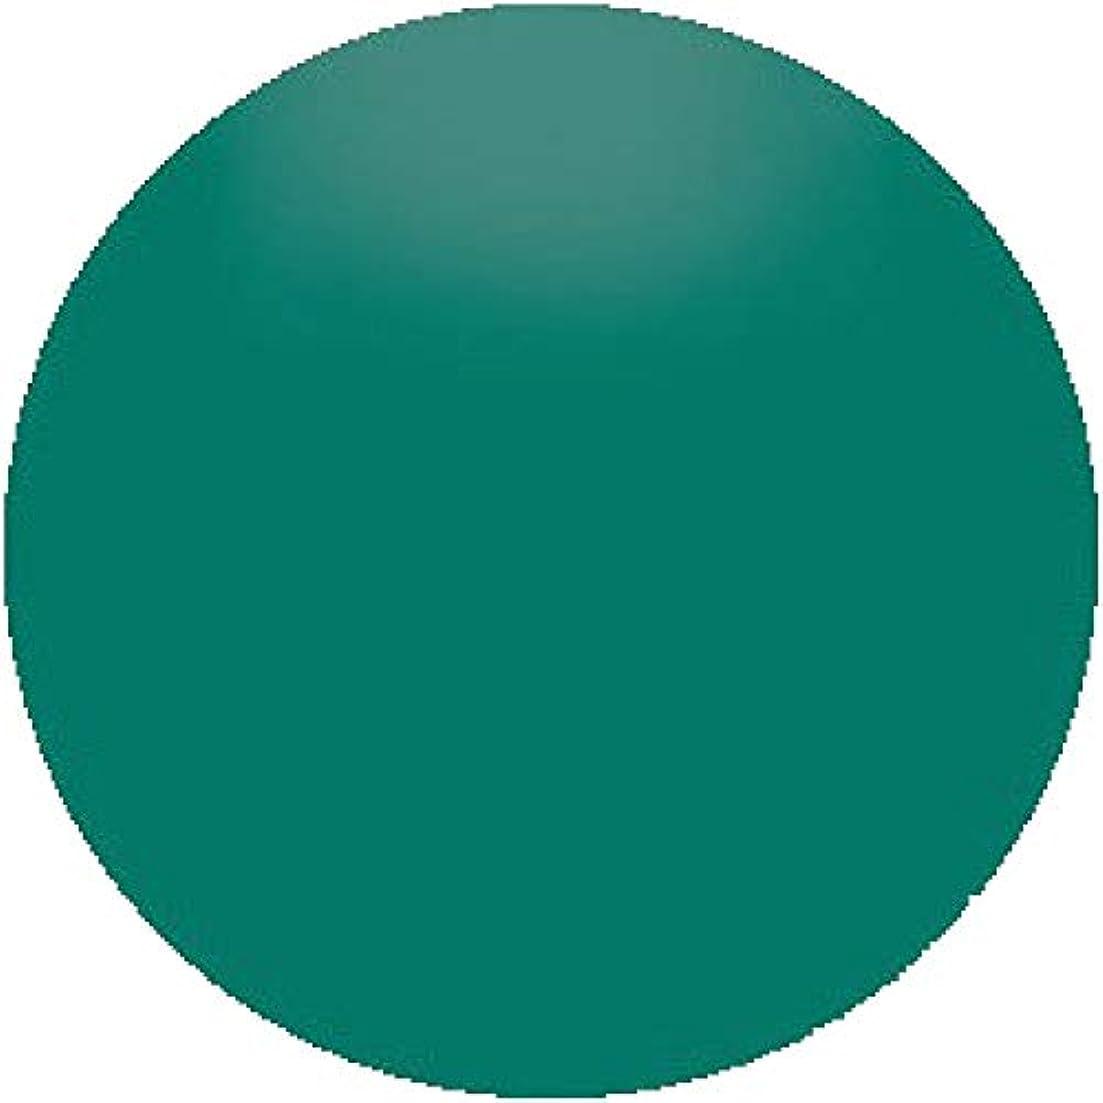 フラップクランシー書士Entity One Color Couture Gel Polish - Jade Jumpsuit - 0.5oz/15ml